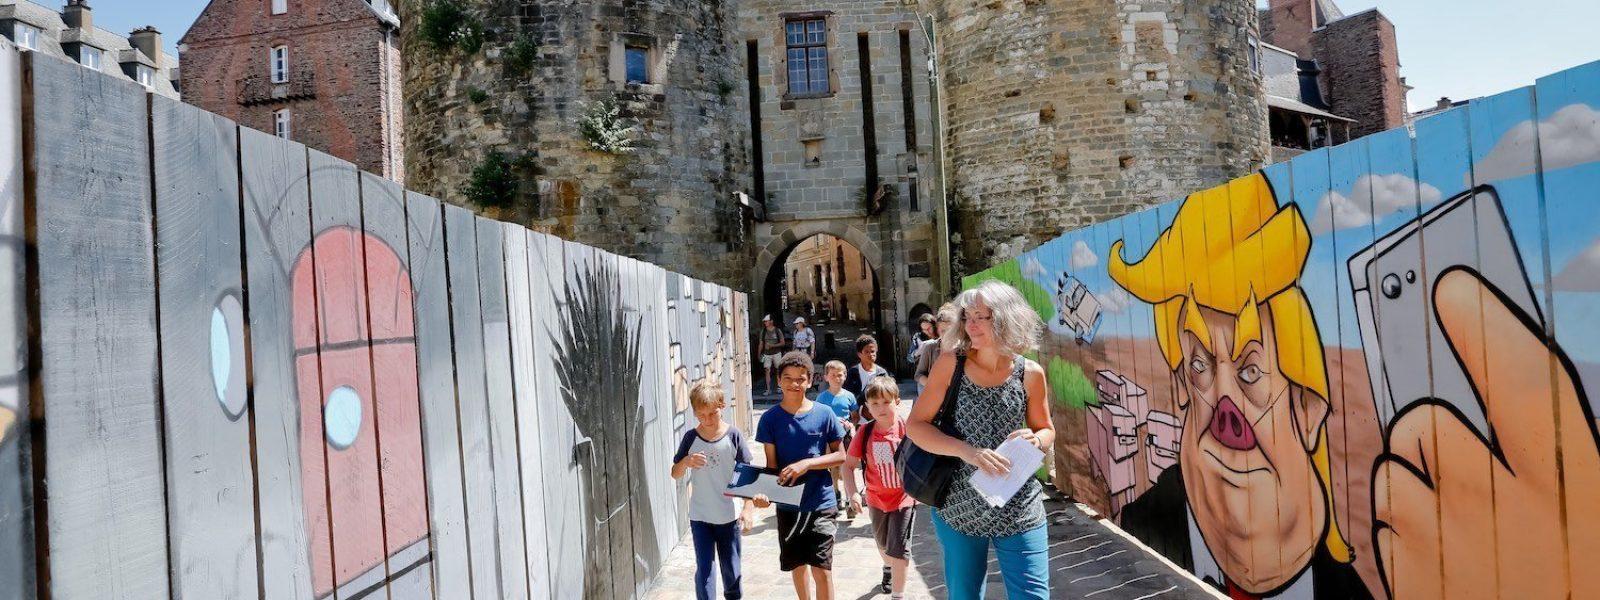 Las puertas mordelaises, símbolo de los duques de bretaña